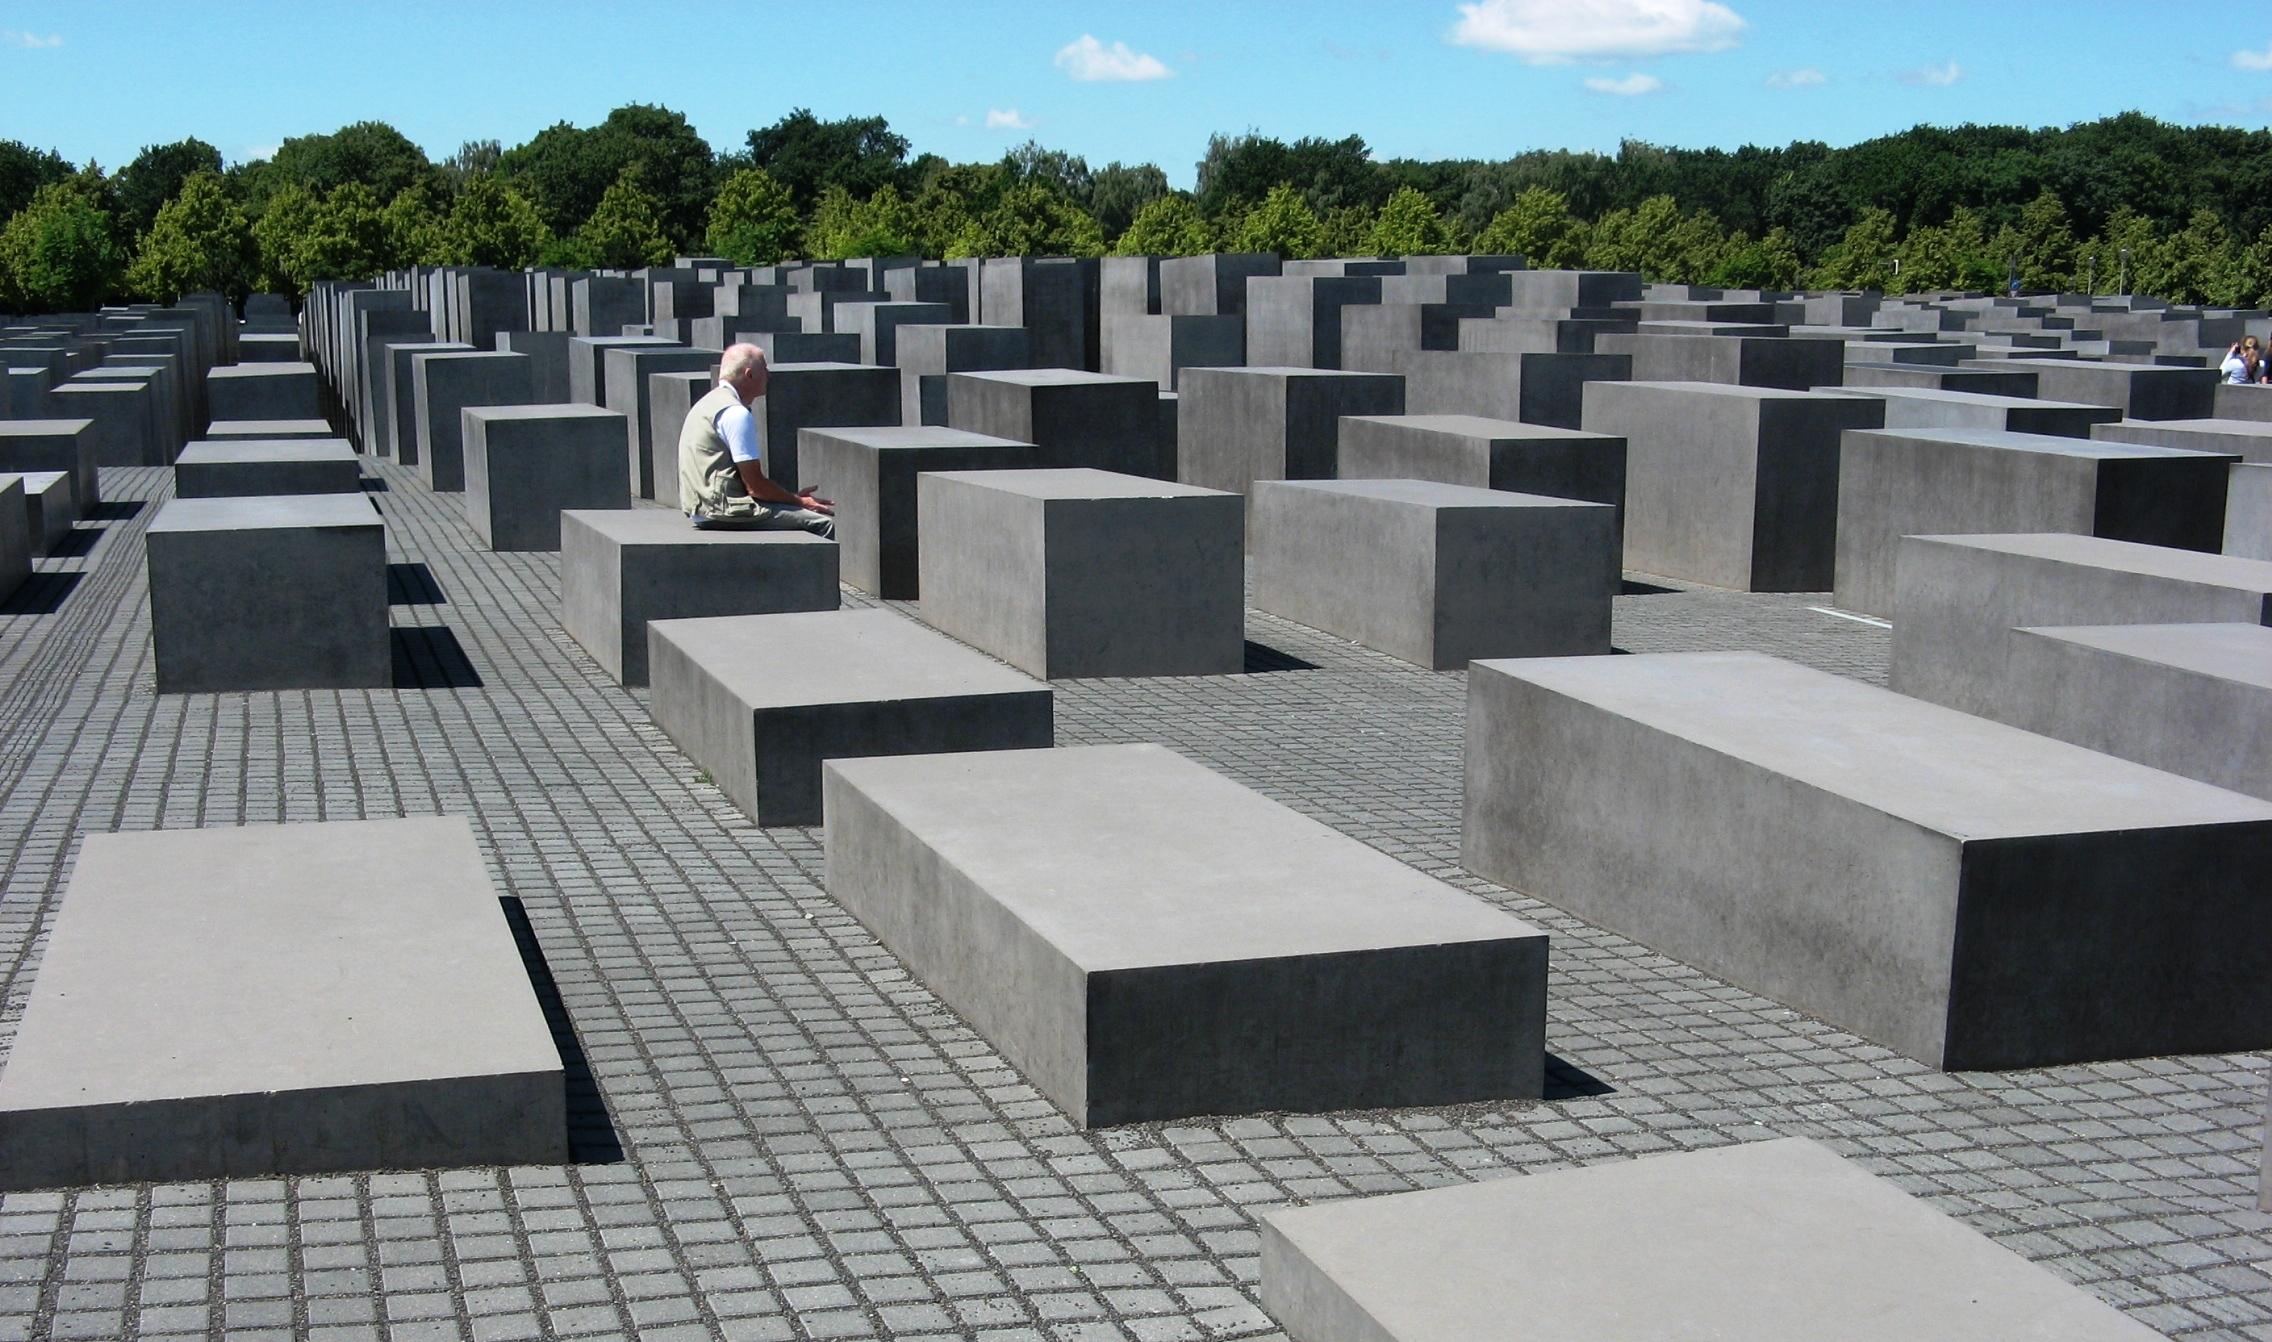 2009 (2) Berlyn 022